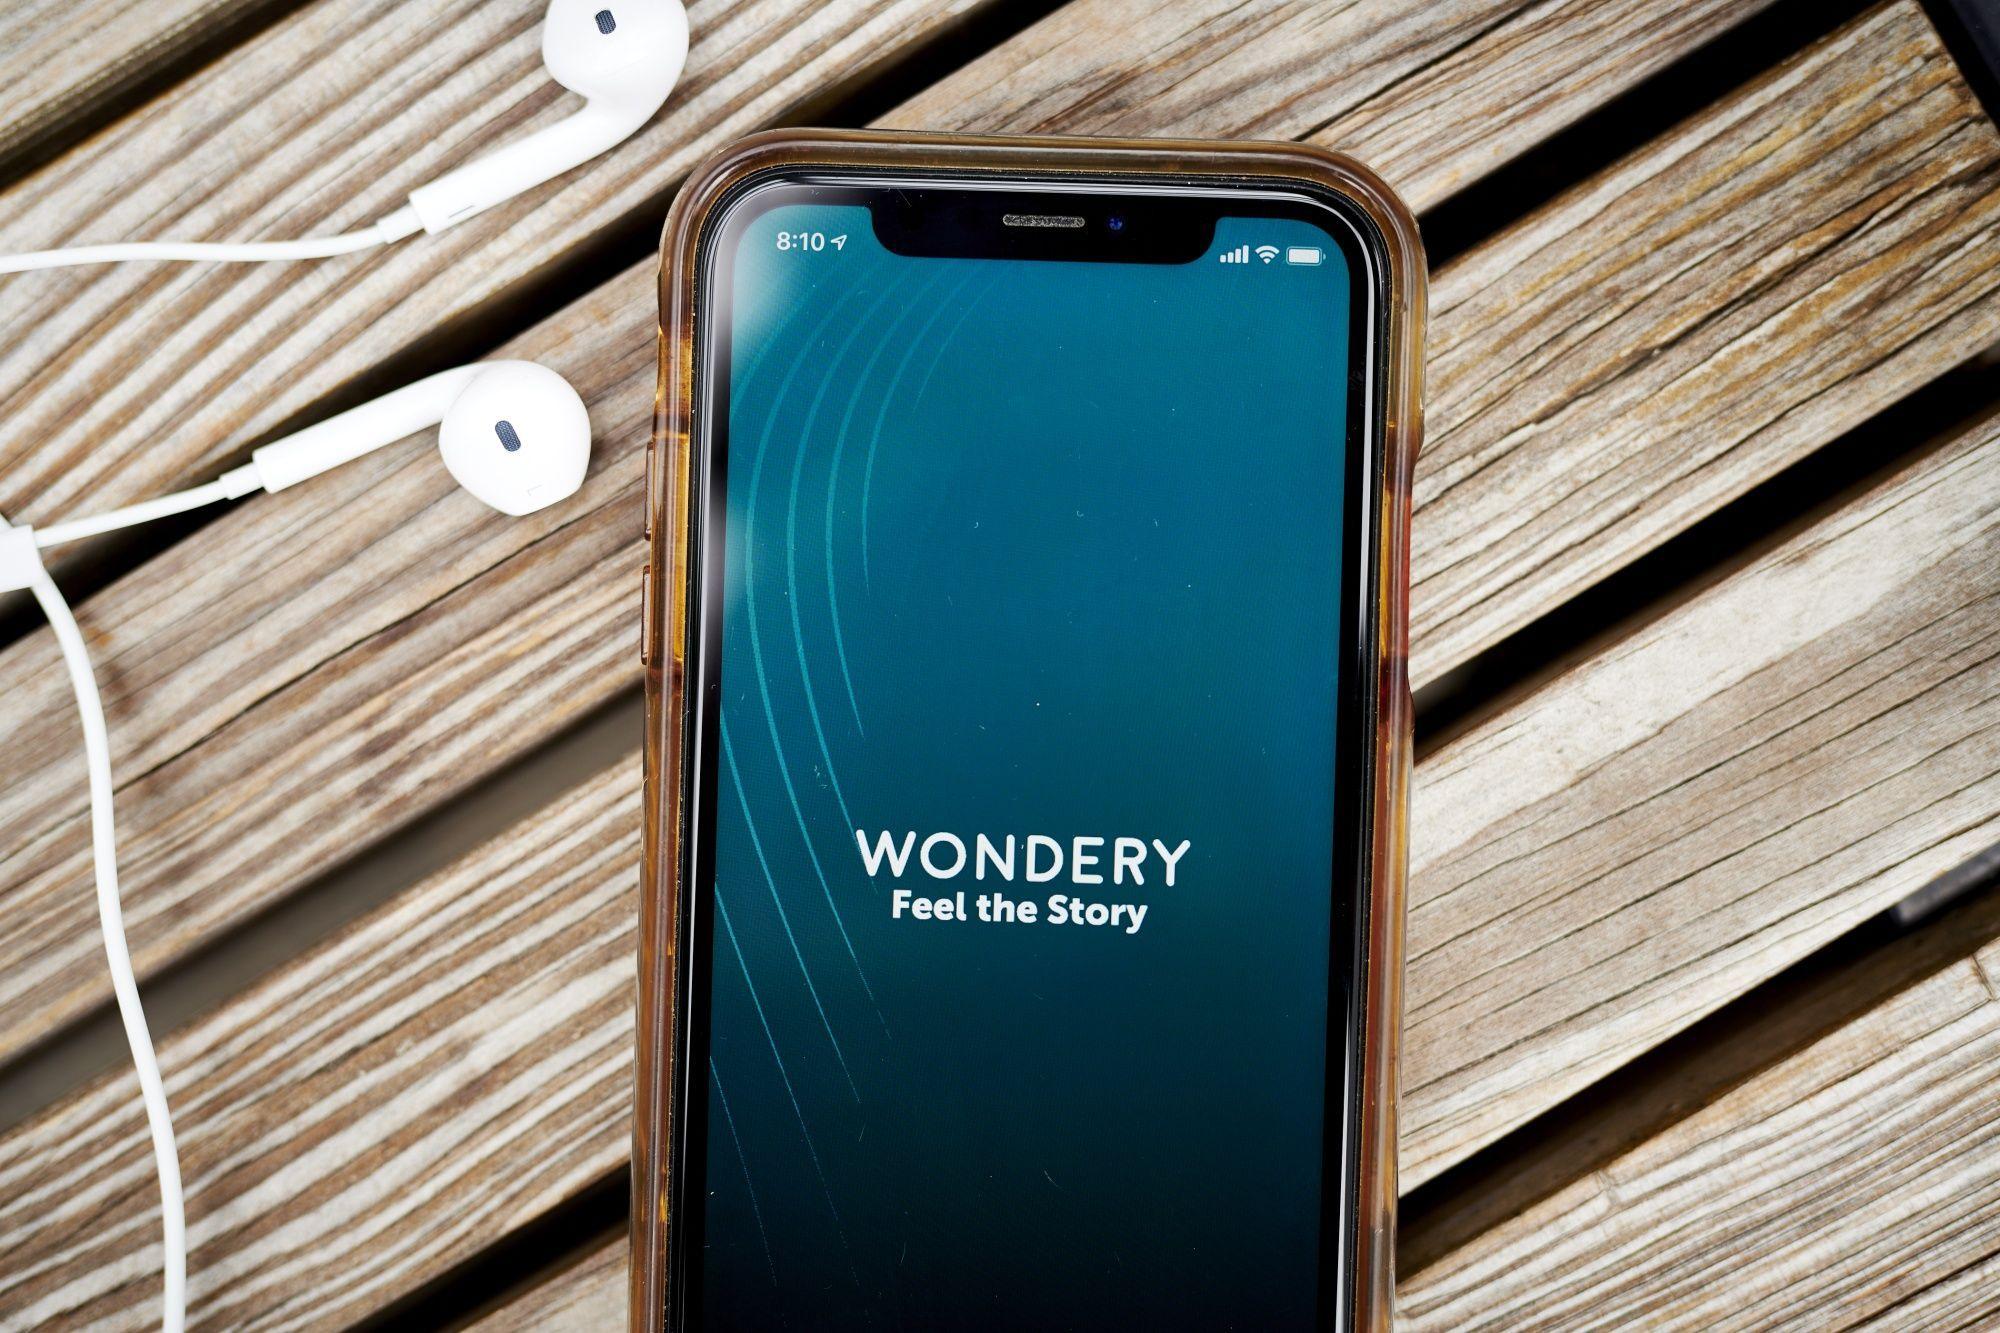 亚马逊有意收购播客平台Wondery